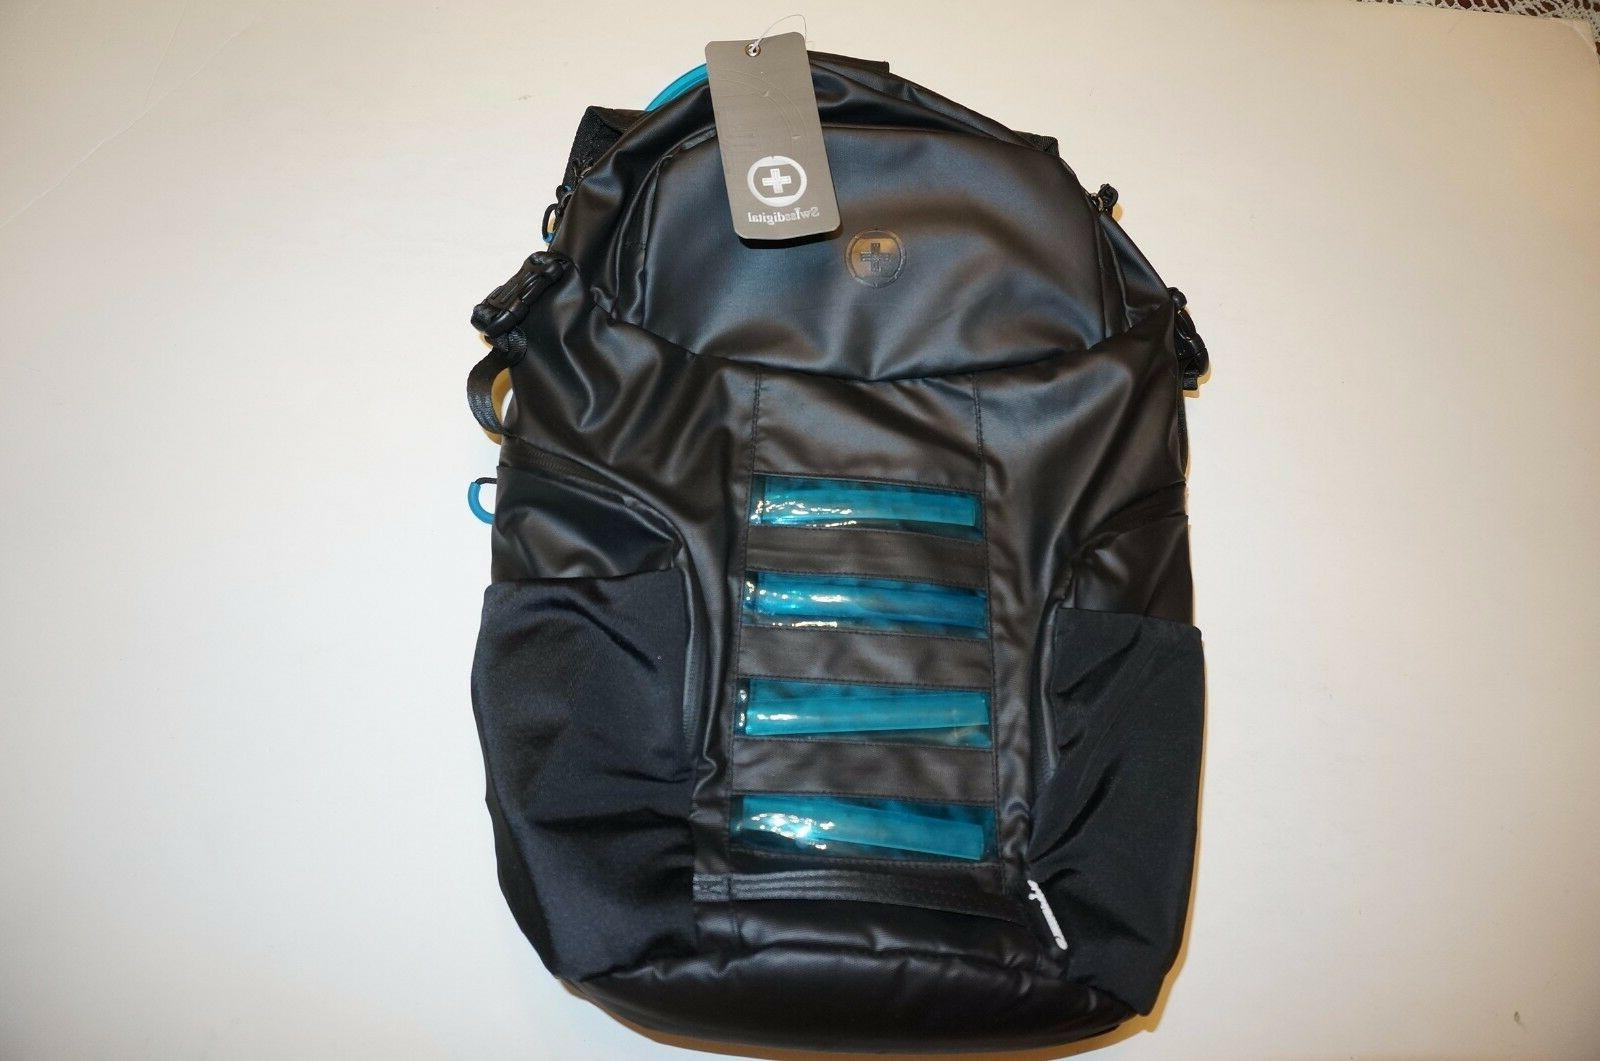 New Swissdigital Neon Backpack Sd 188 Led Charging Port